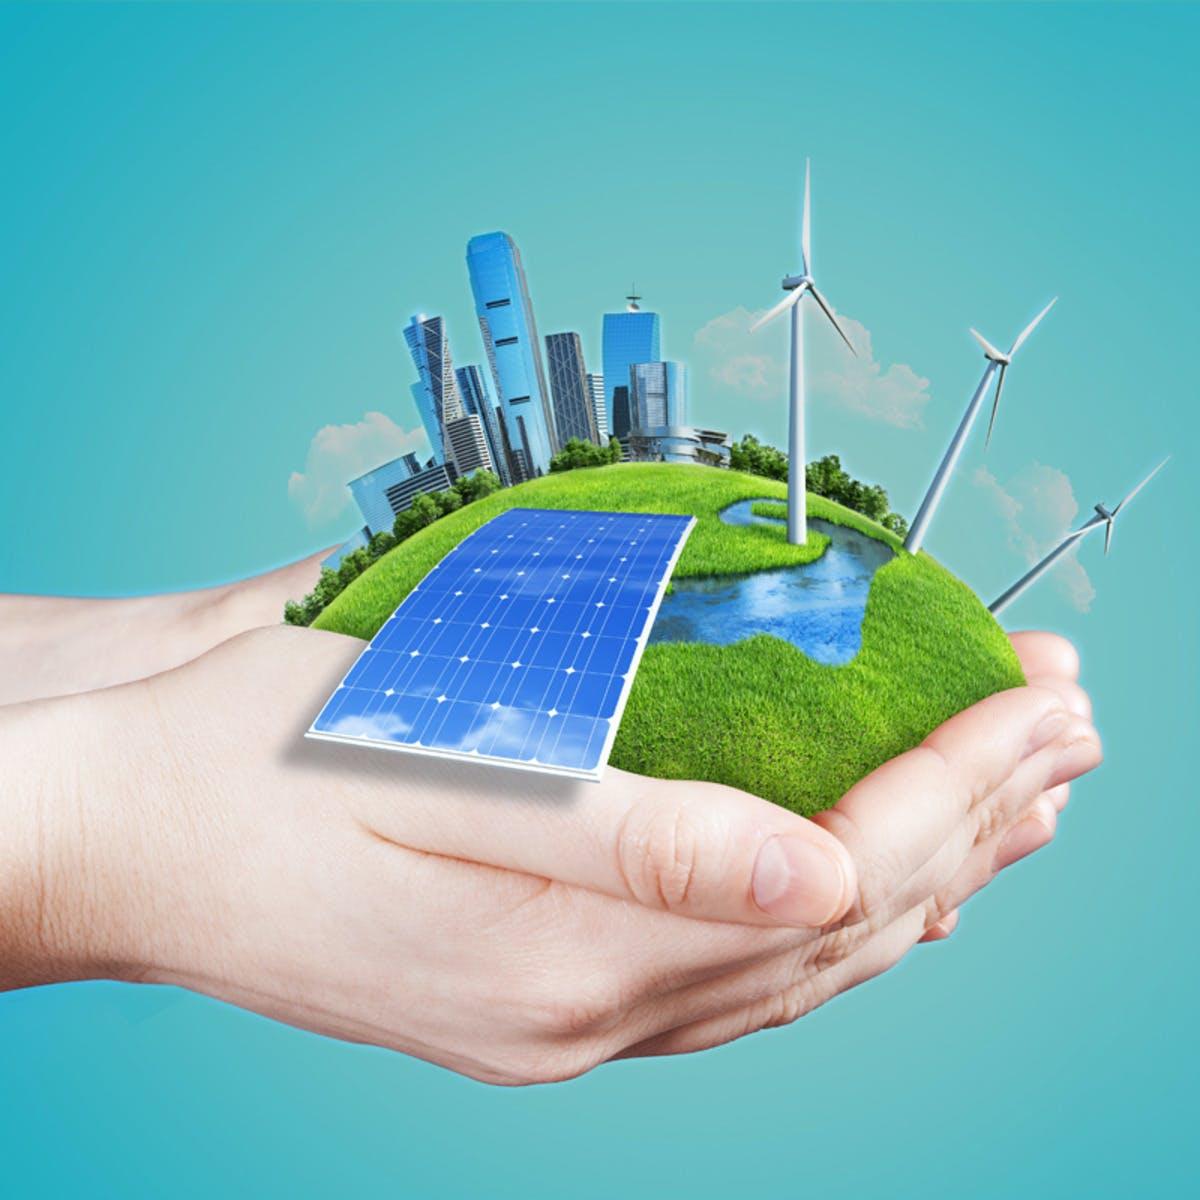 מבוא לאנרגיה מתחדשת -  Introduction to Renewable Energy